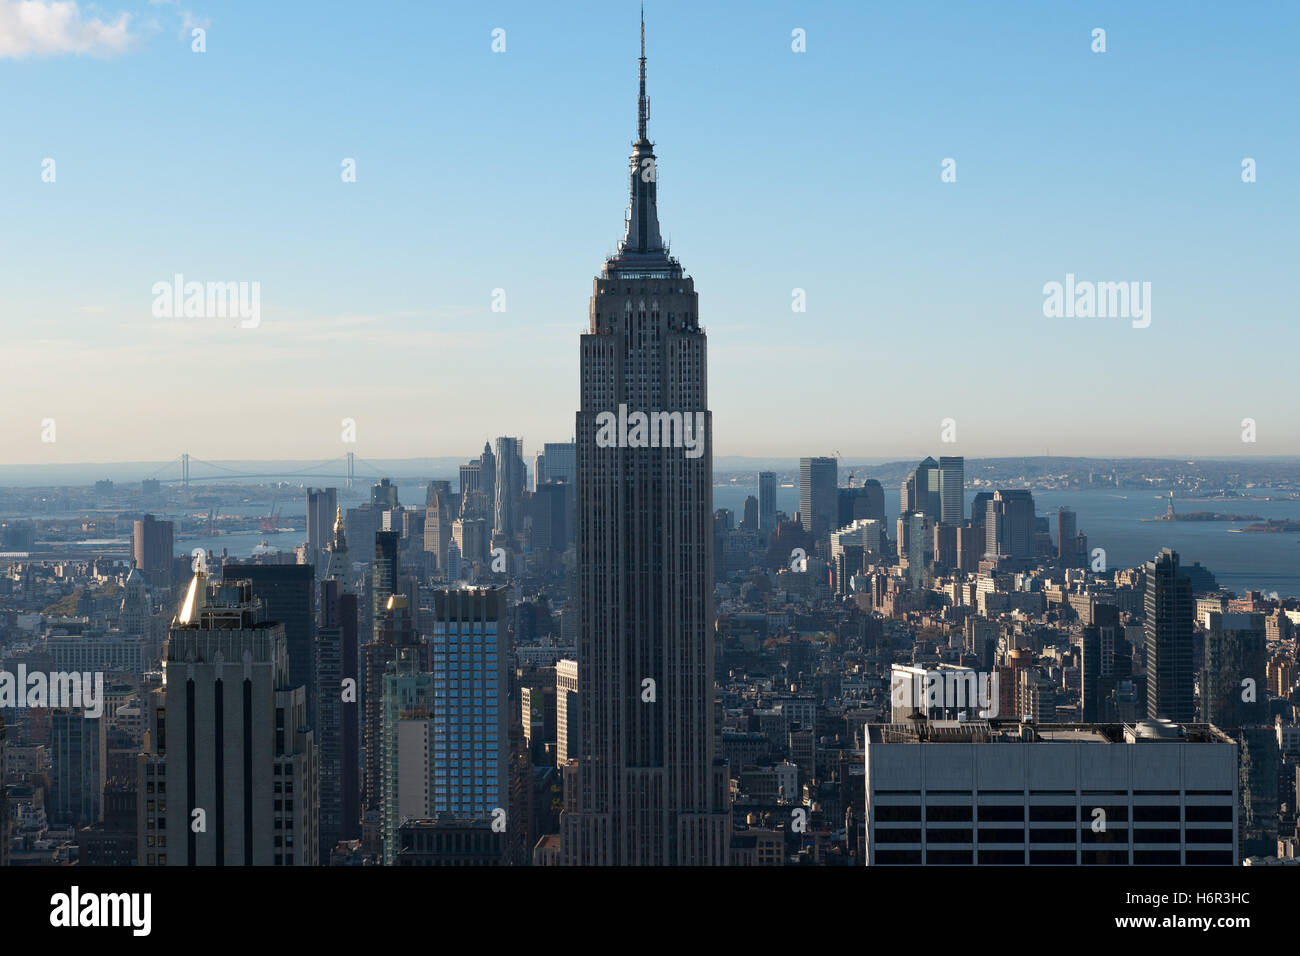 usa manhattan new york architektur empire state building amerika stadt wolkenkratzer - Stock Image